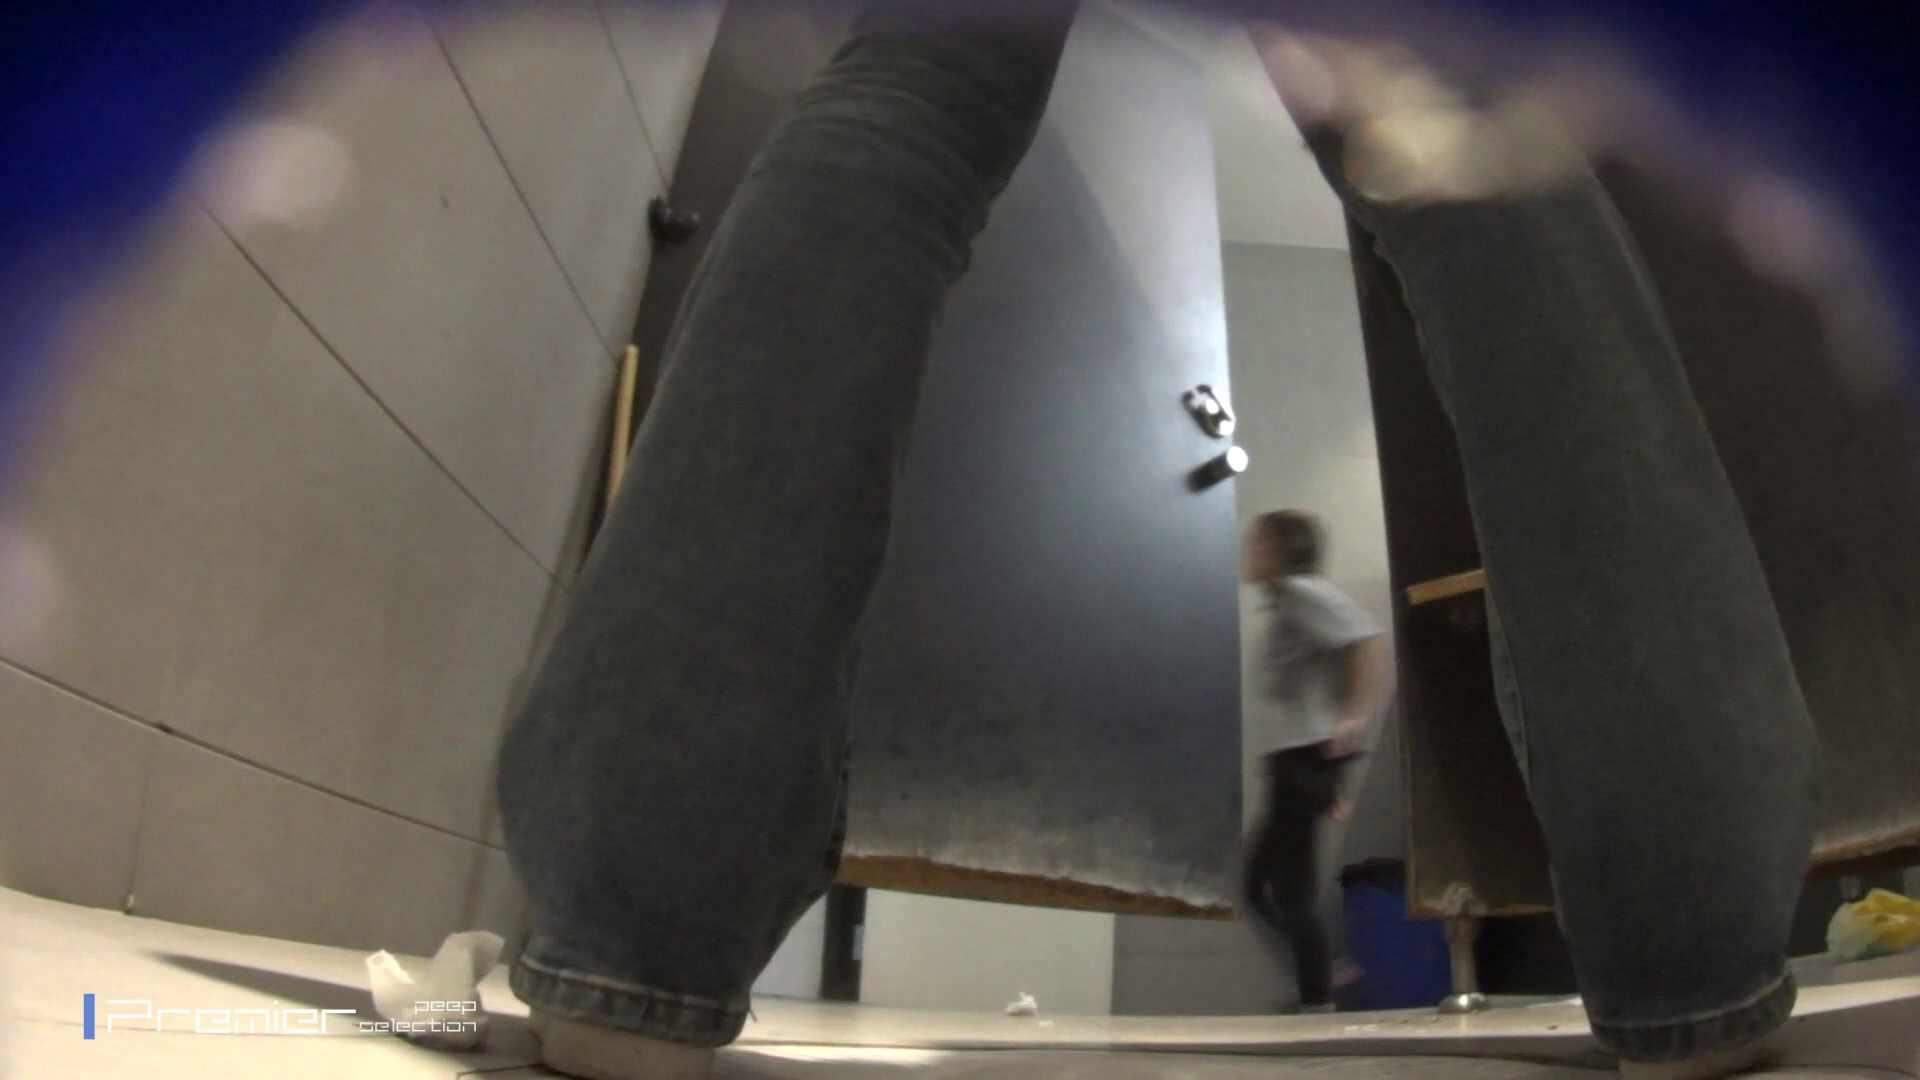 黒スパッツ美女 大学休憩時間の洗面所事情70 細身体型  79枚 45